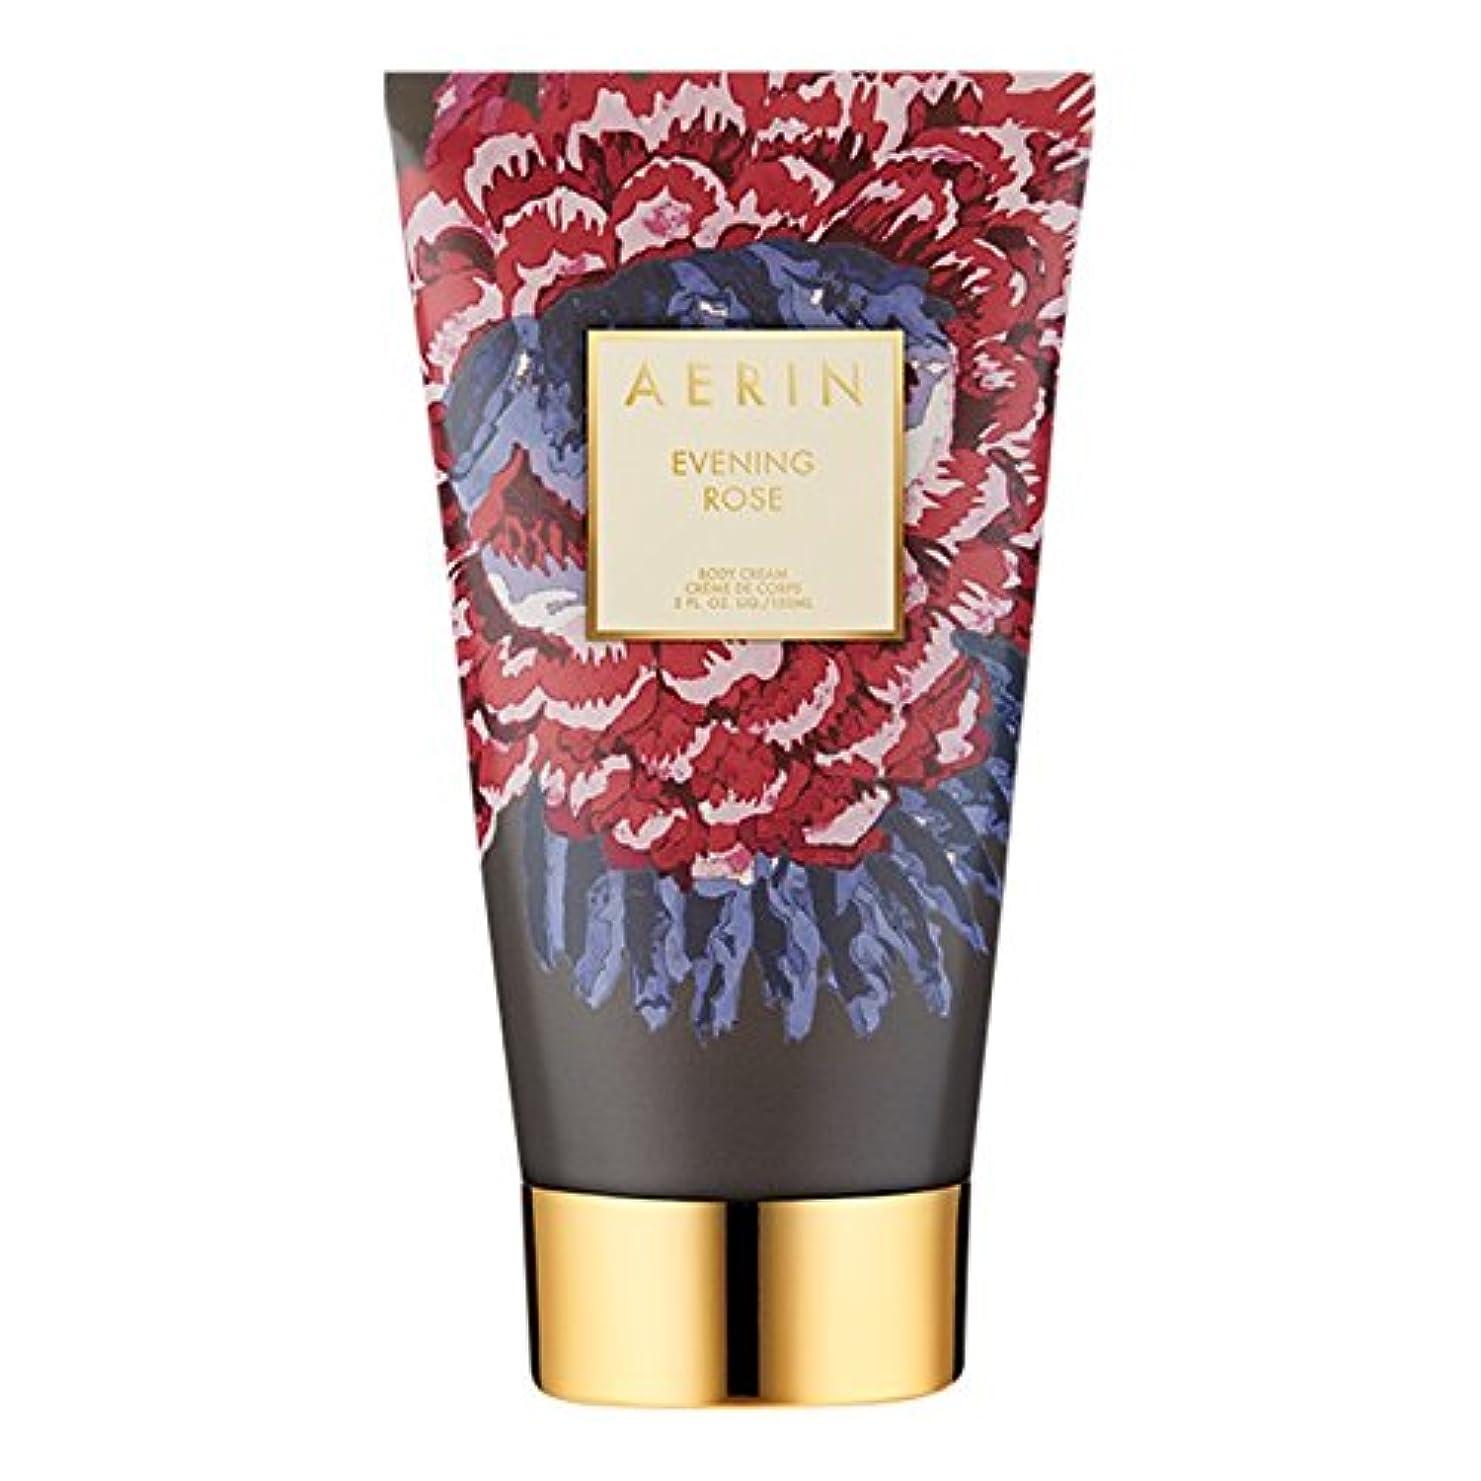 鳴り響く大使館世界の窓Aerinの夜は、ボディクリーム150ミリリットルをバラ (AERIN) (x2) - AERIN Evening Rose Body Cream 150ml (Pack of 2) [並行輸入品]